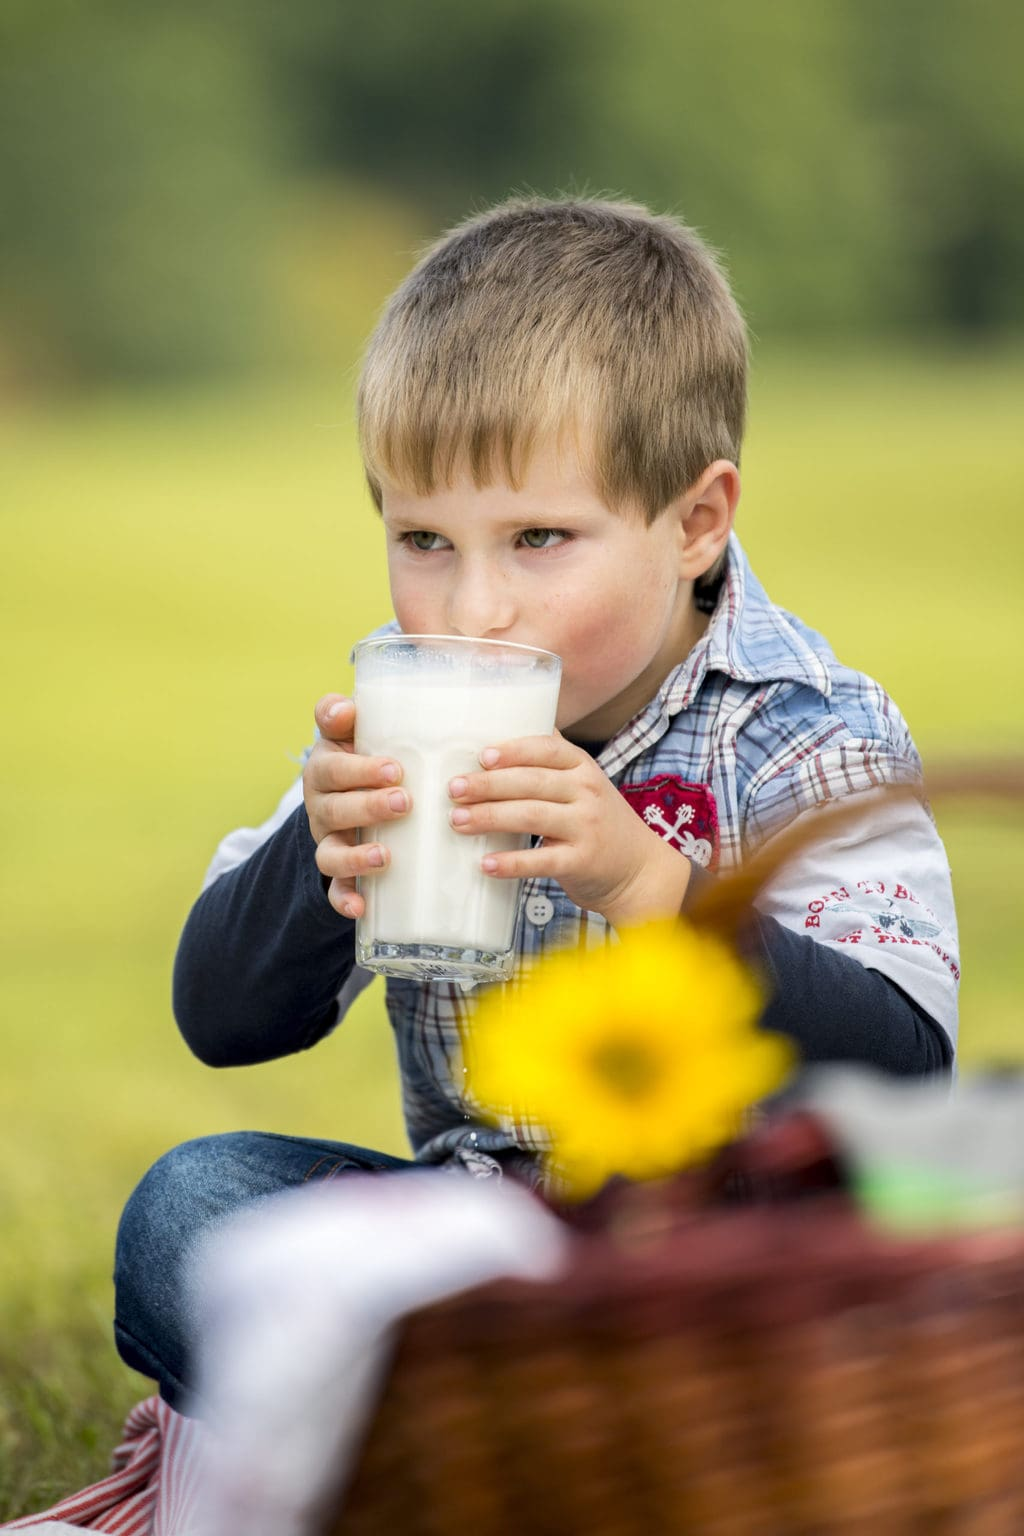 Een klein jochie begint melk nieuw te ontdekken met een glasje